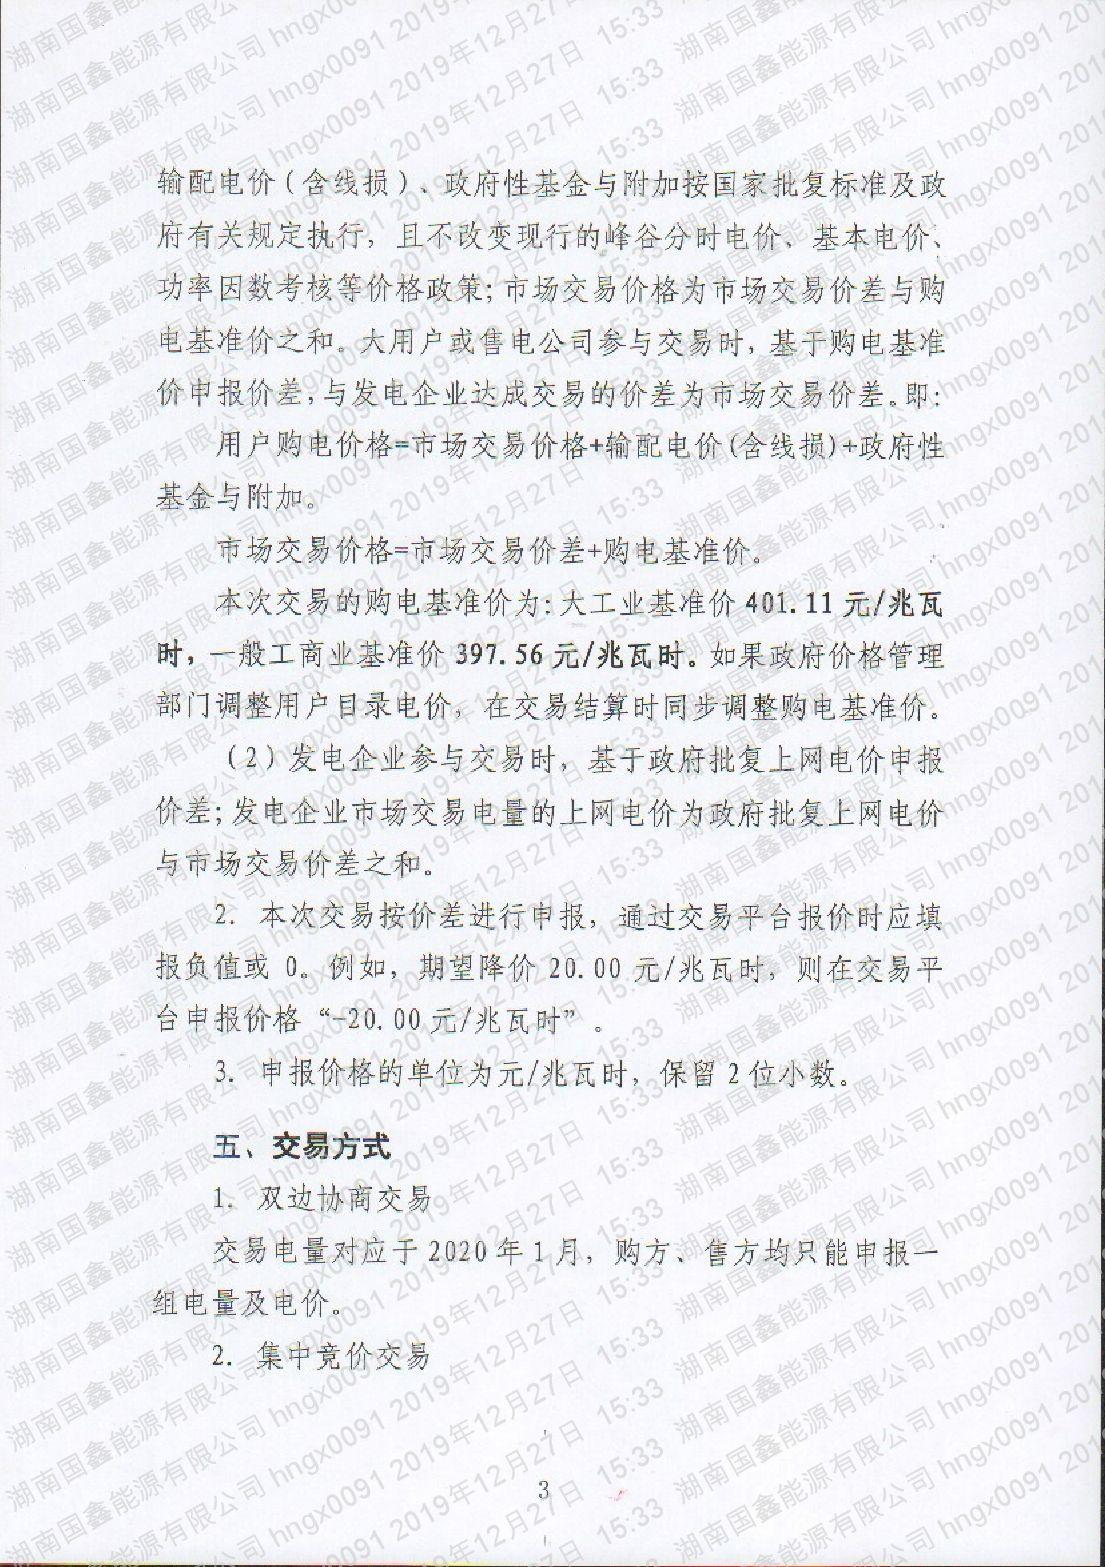 2020年第2號交易公告(1月月度交易).pdf_page_3_compressed.jpg